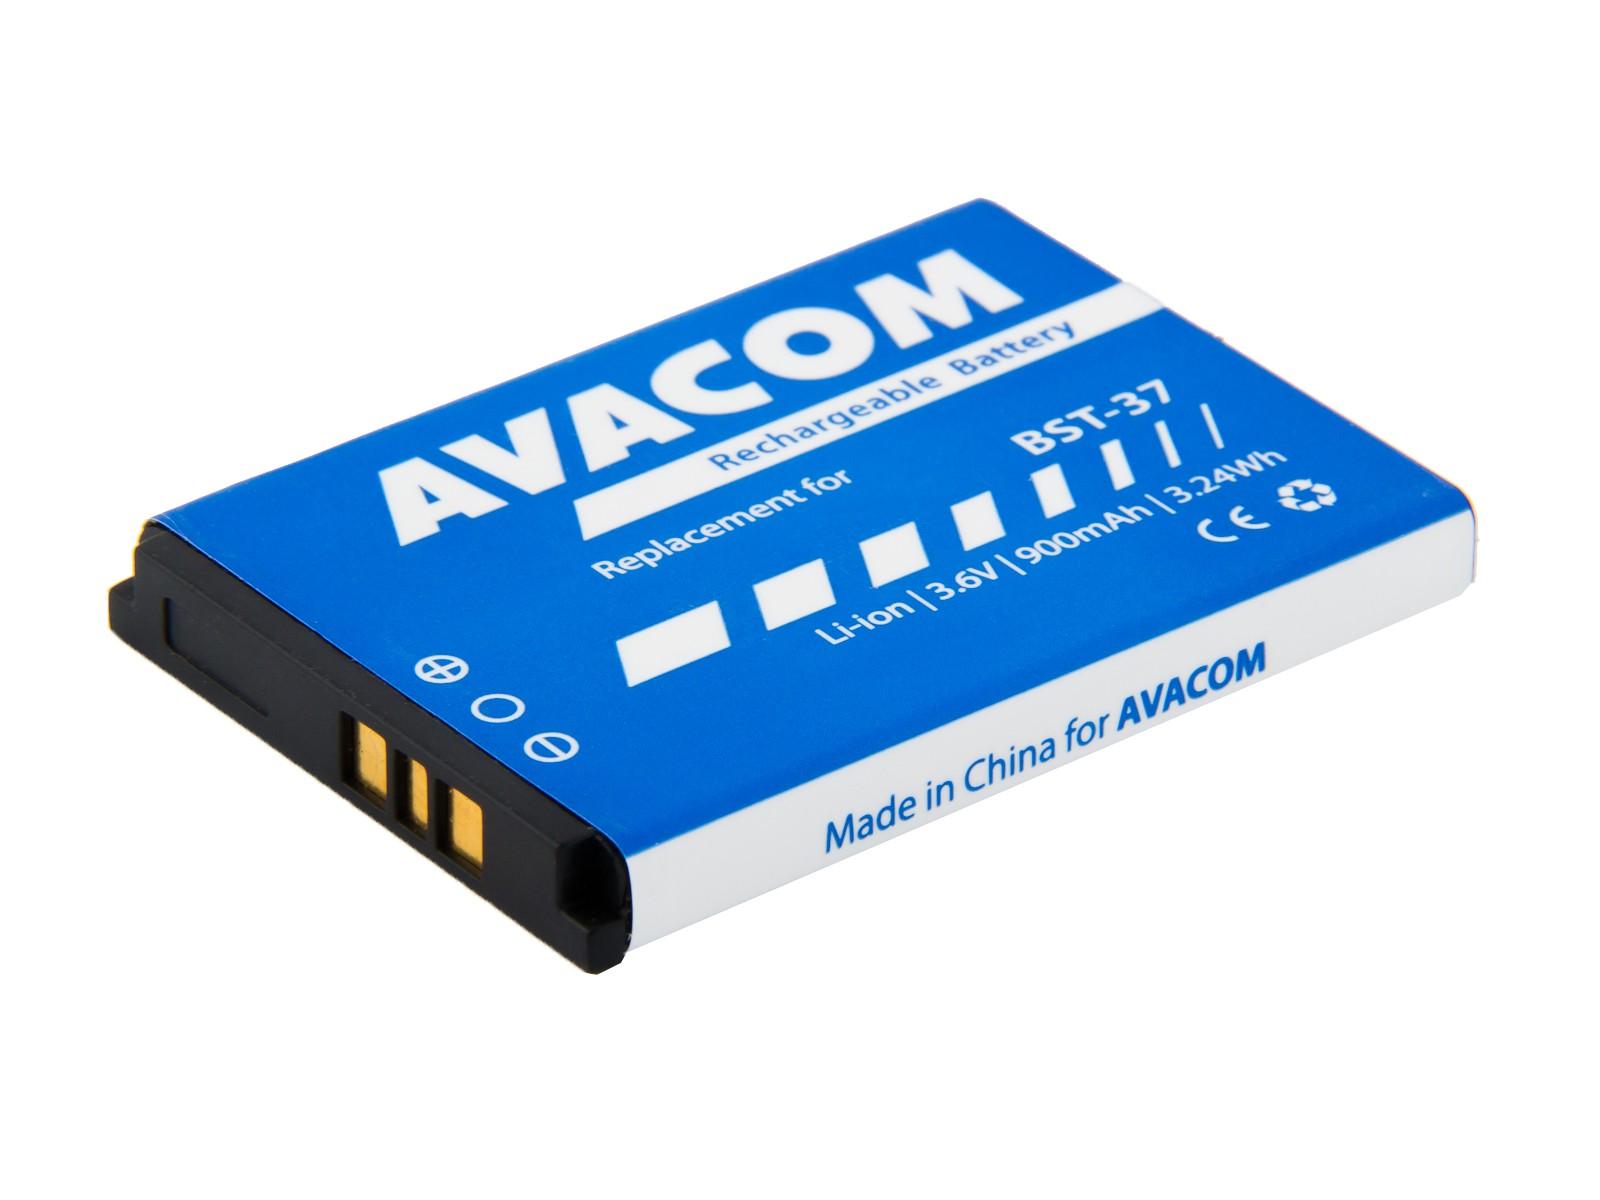 Náhradní baterie AVACOM Baterie do mobilu Sony Ericsson K750, W800 Li-Ion 3,7V 900mAh, (náhrada BST-37)